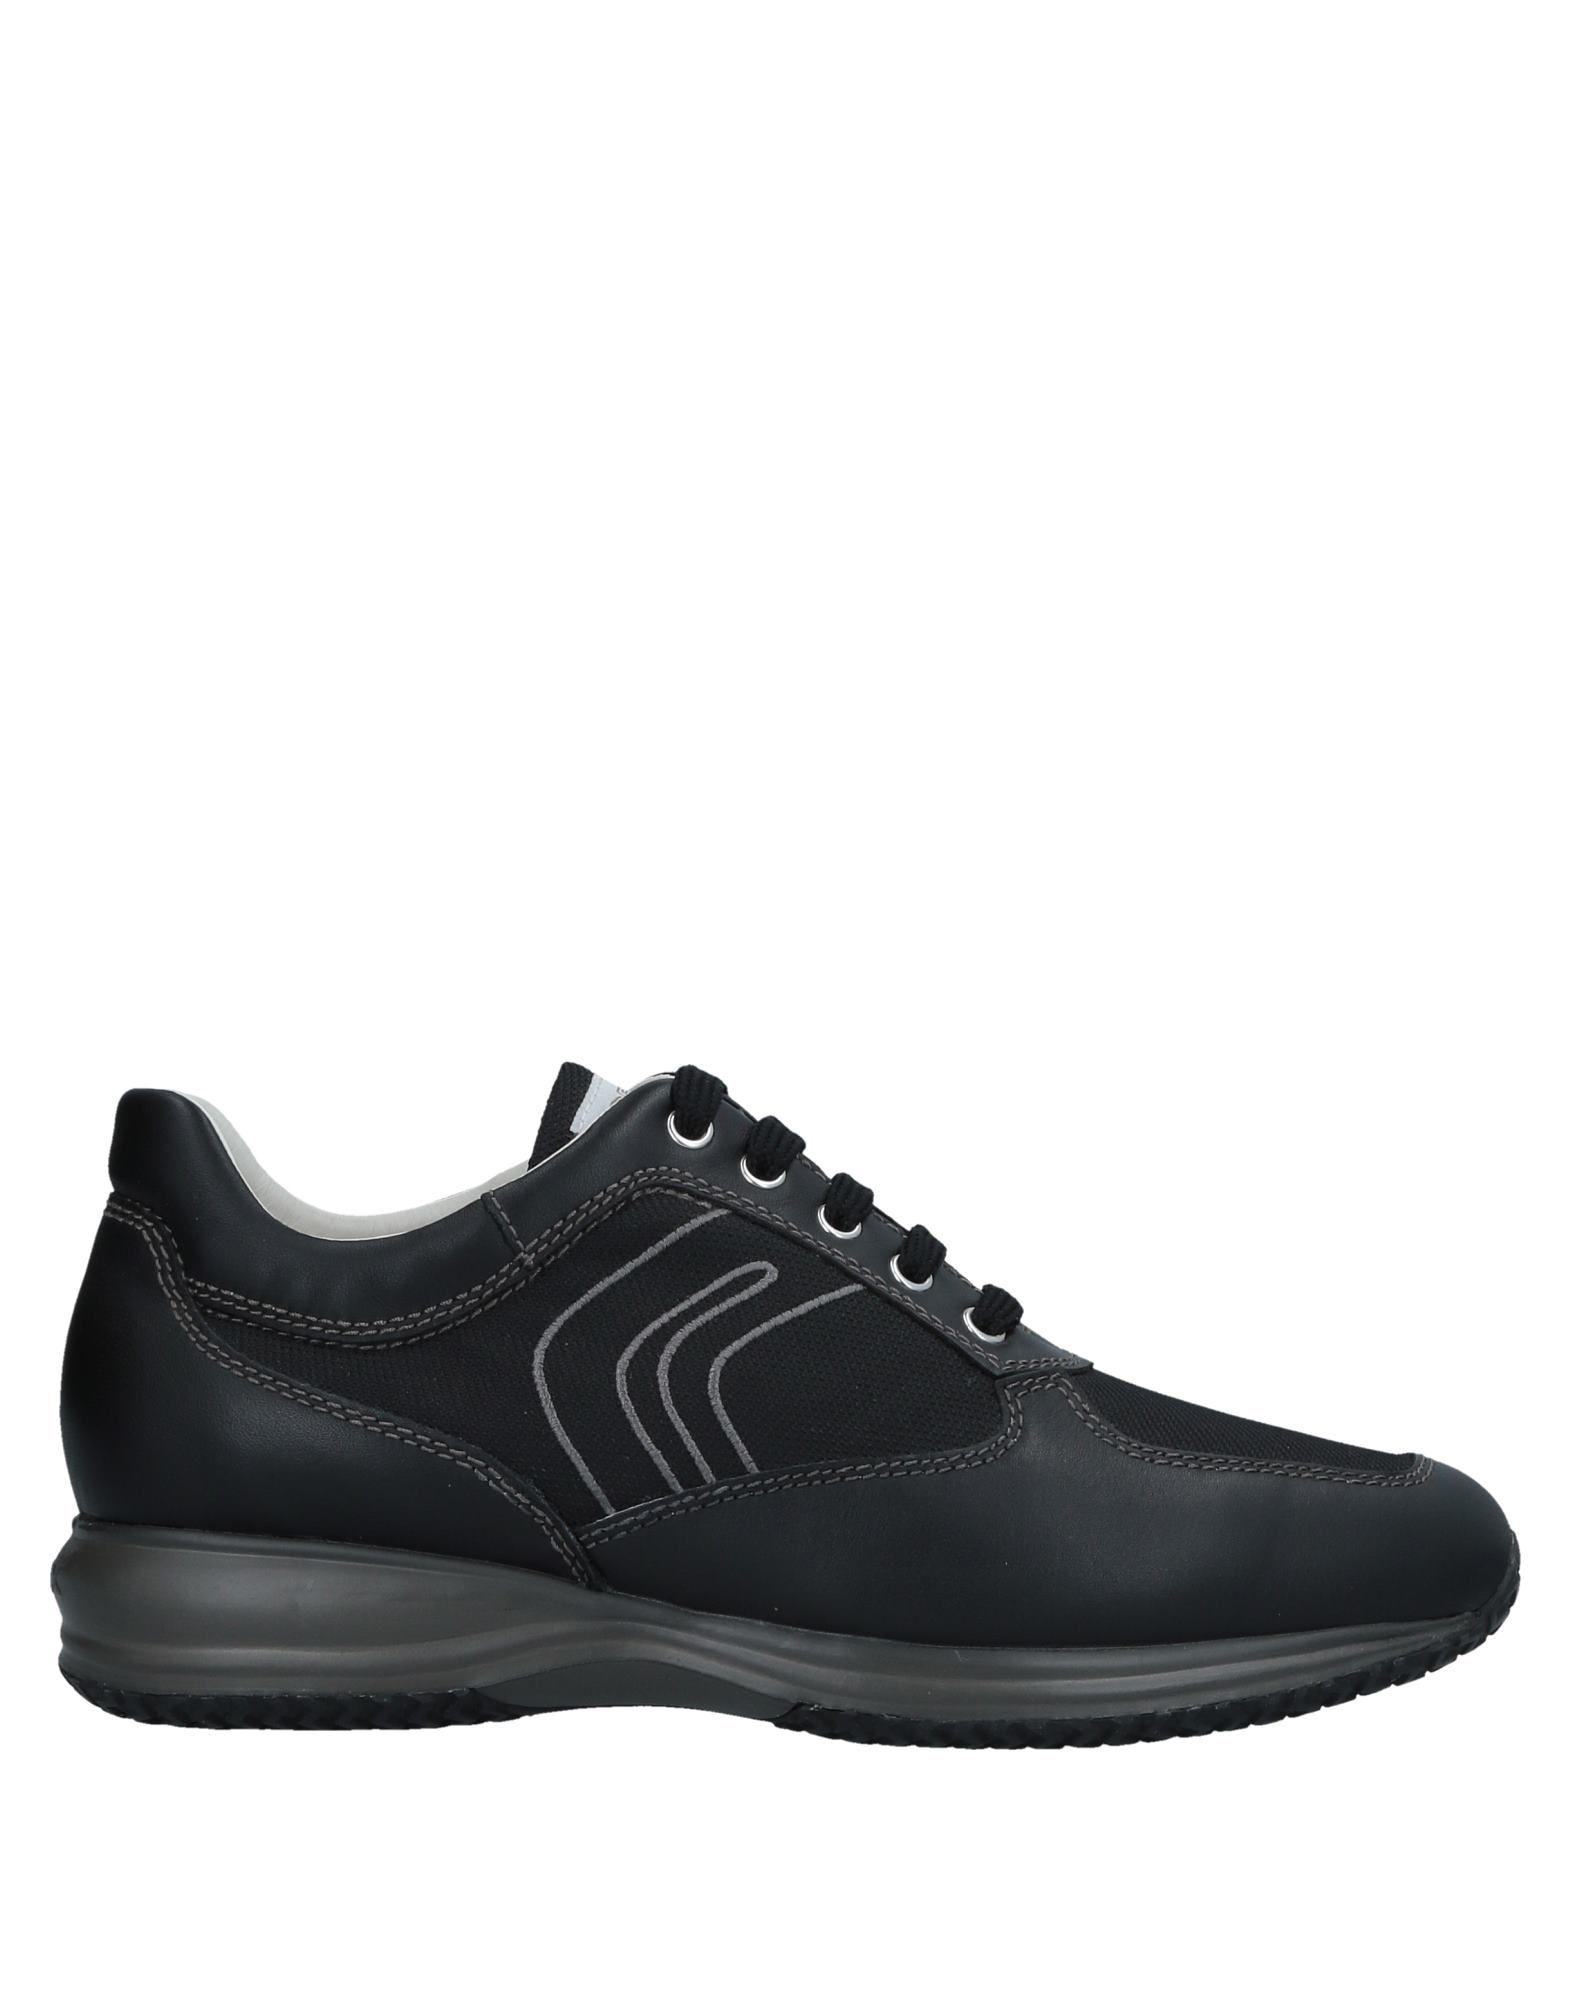 GEOX メンズ スニーカー&テニスシューズ(ローカット) ブラック 44 革 / 紡績繊維